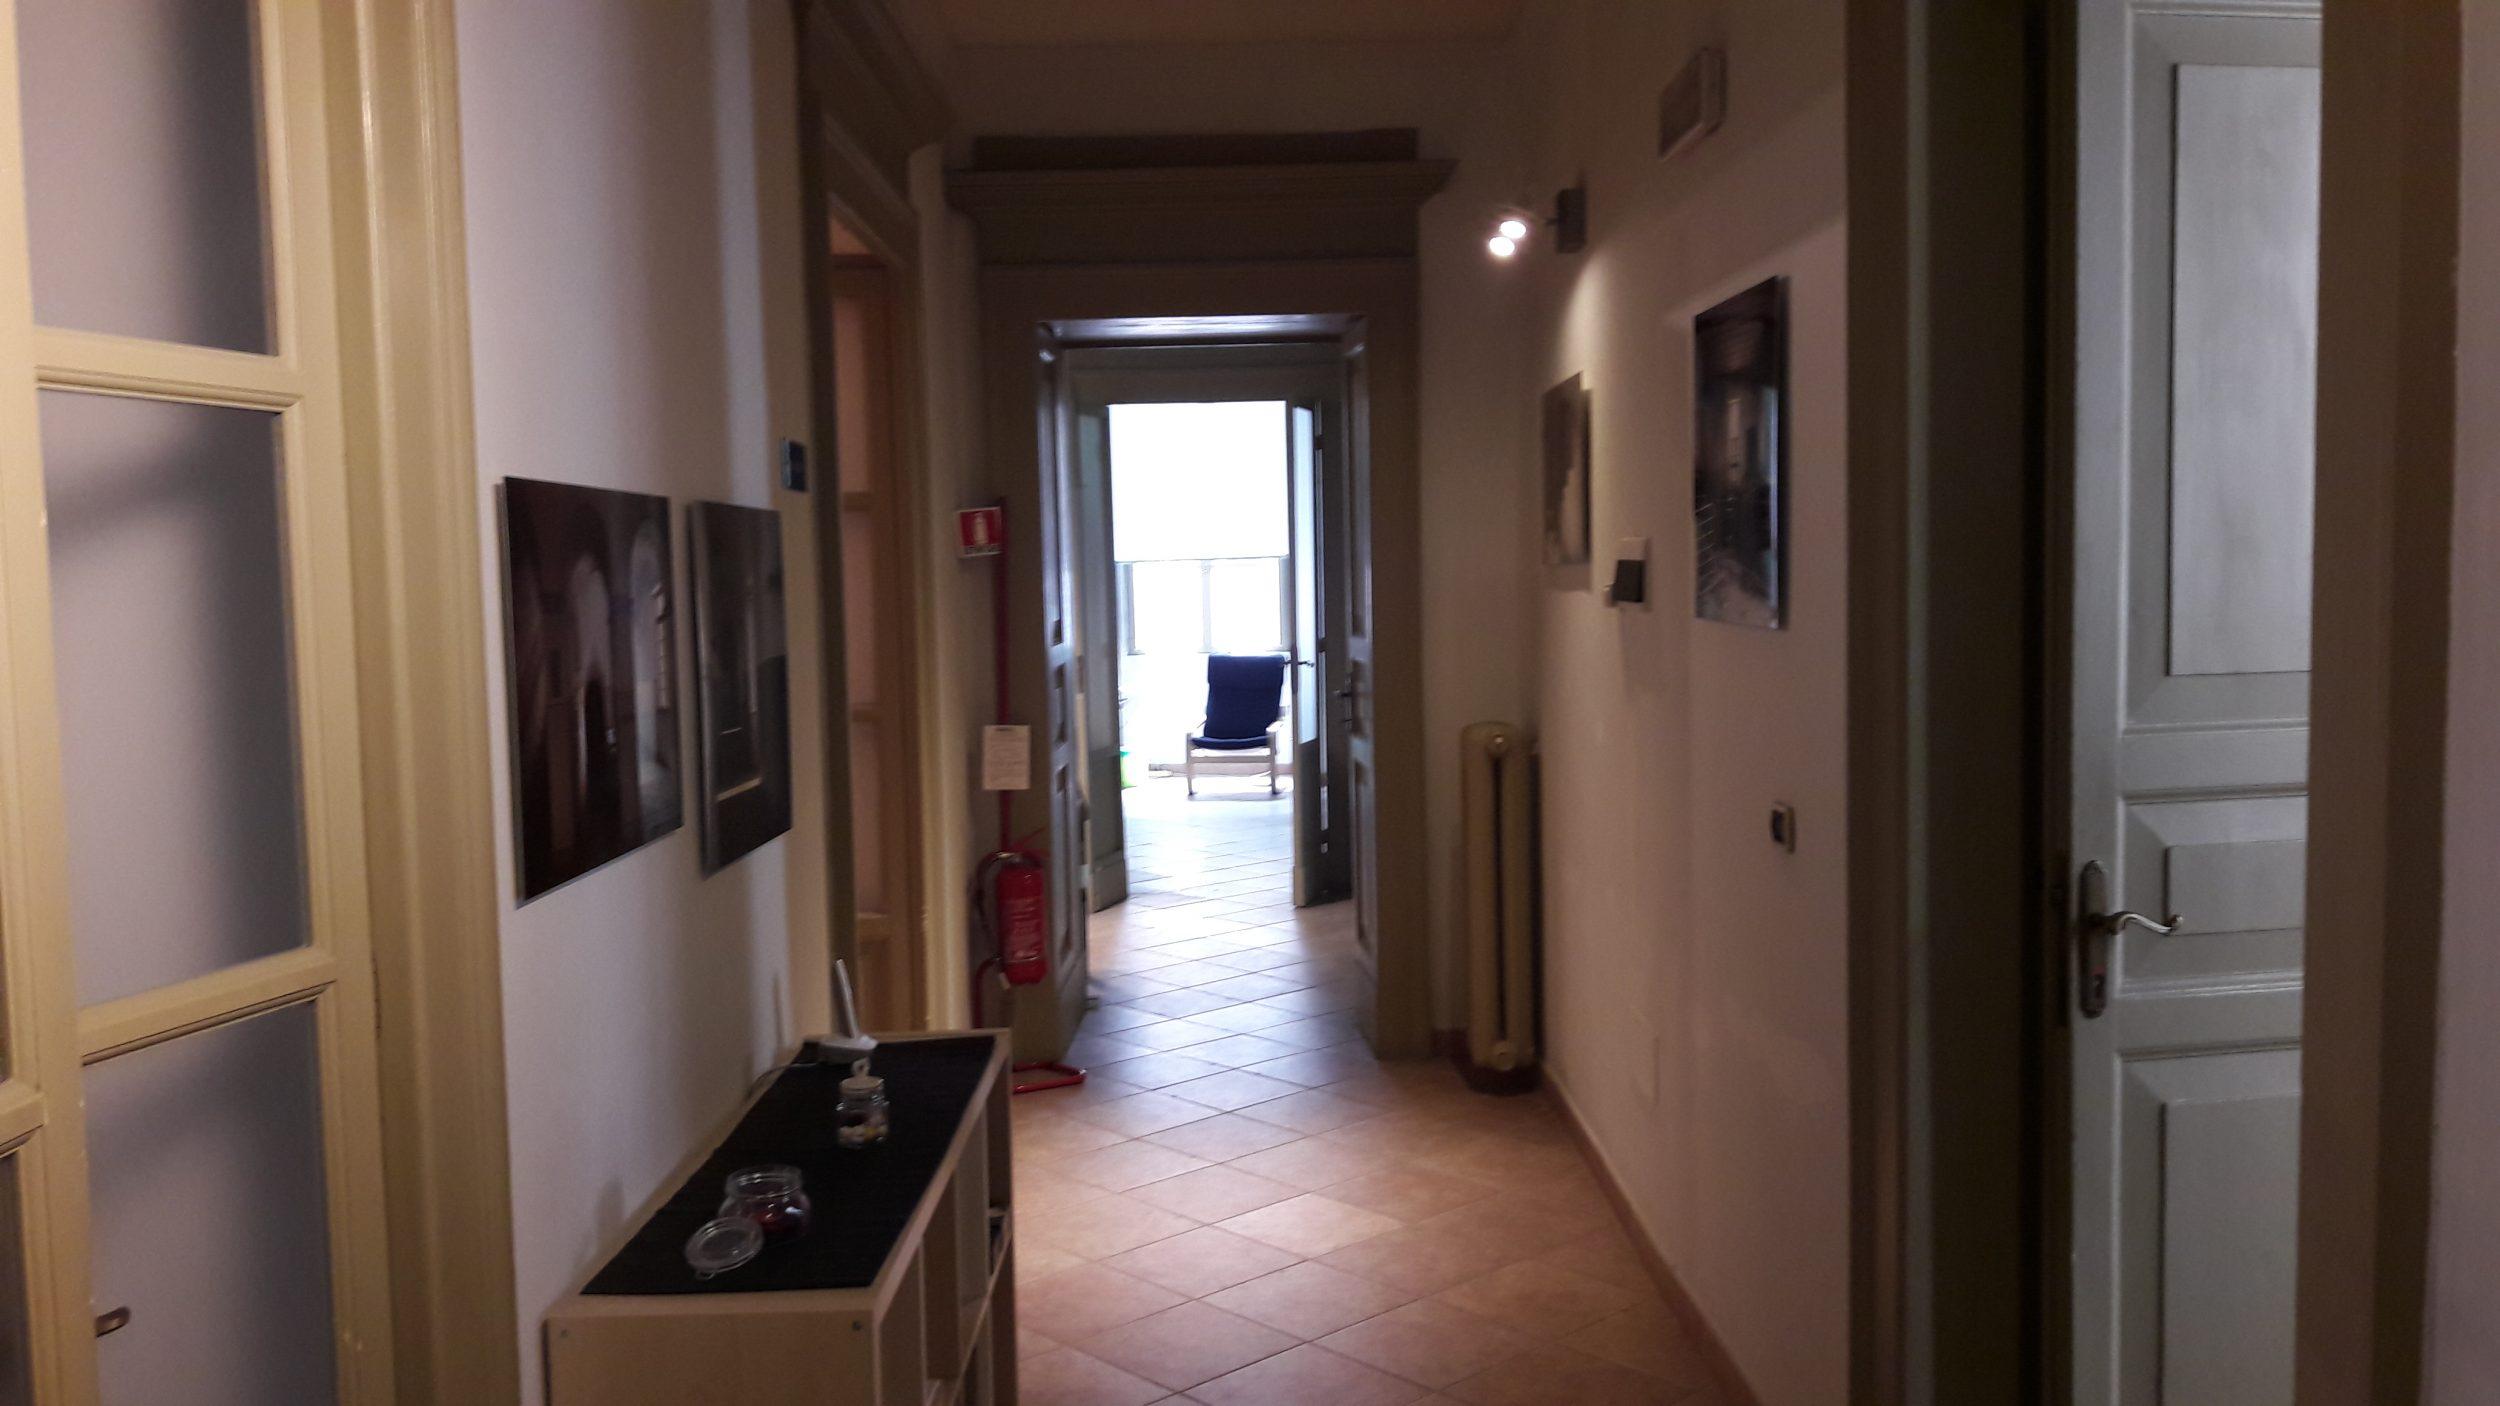 Fotografia dell'ingresso dello studio STP